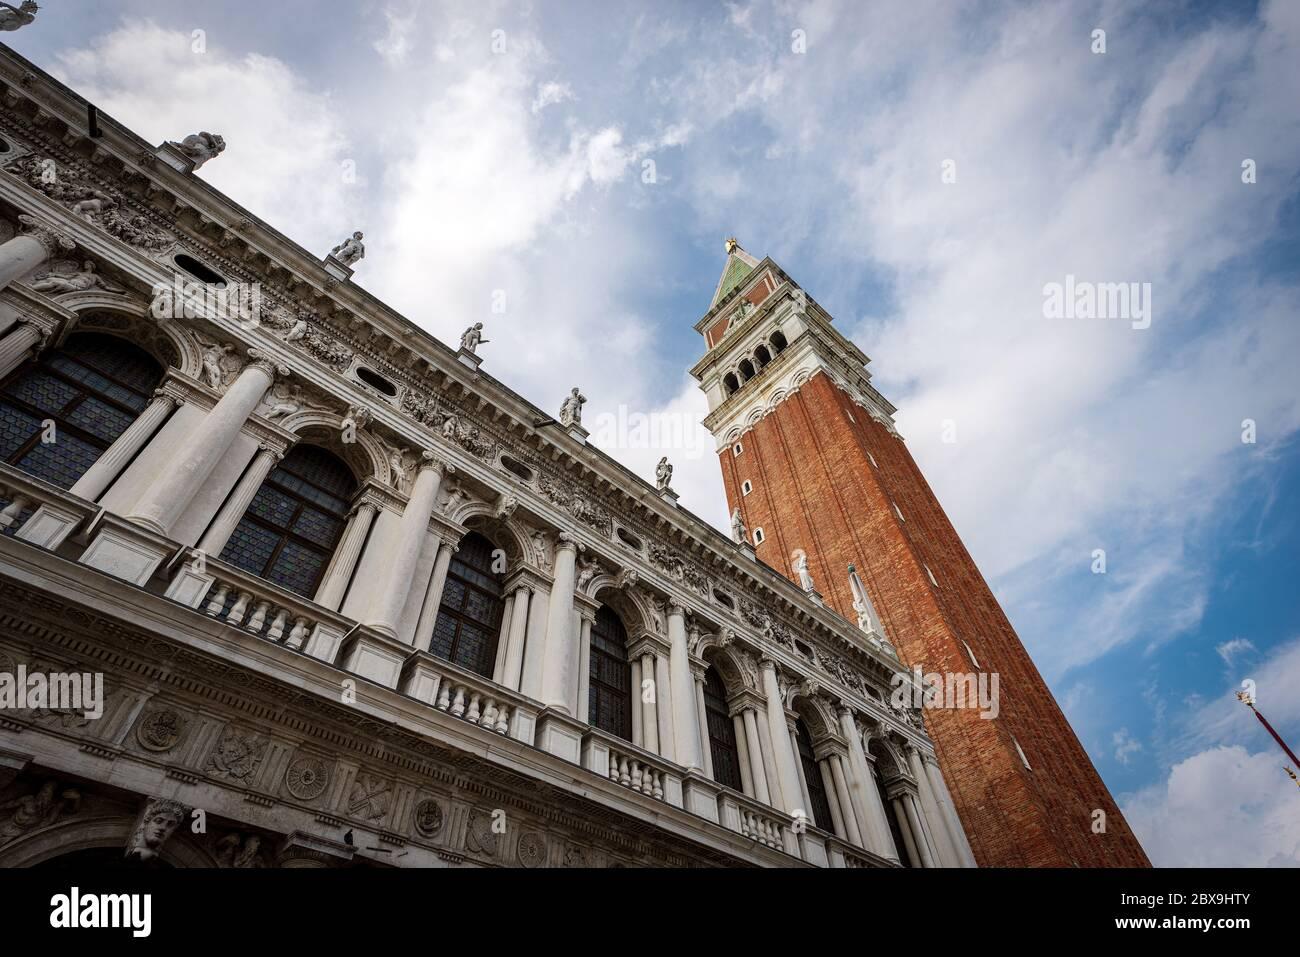 Venecia Italia, Piazza San Marco, con el campanario (Campanile) y el palacio de la Biblioteca Nazionale Marciana (Biblioteca). Veneto, Italia, Europa Foto de stock